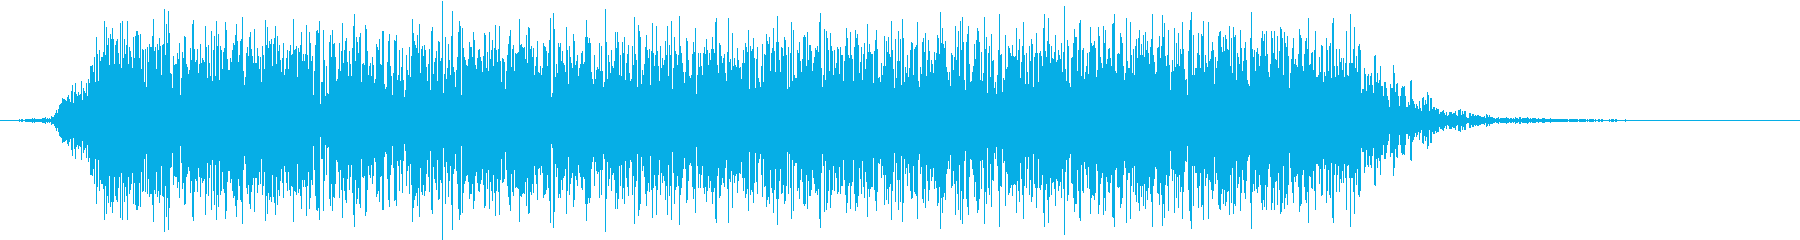 モンスター 悲鳴 41の再生済みの波形